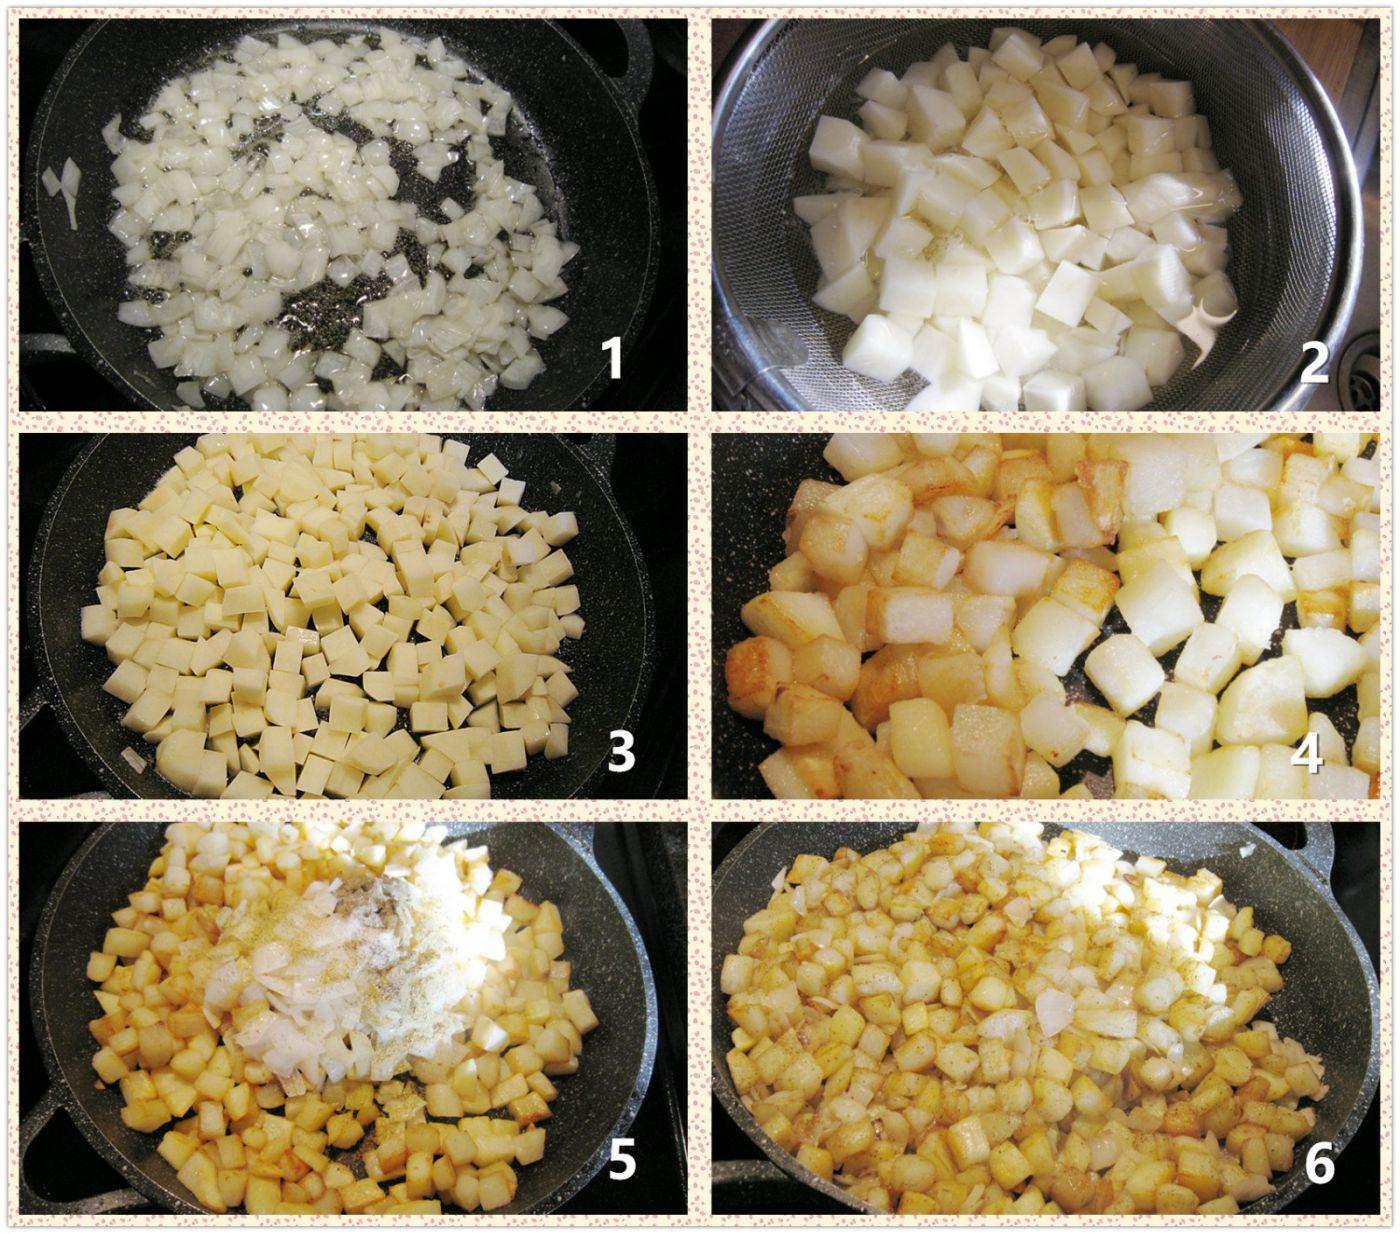 洋葱土豆粒_图1-2